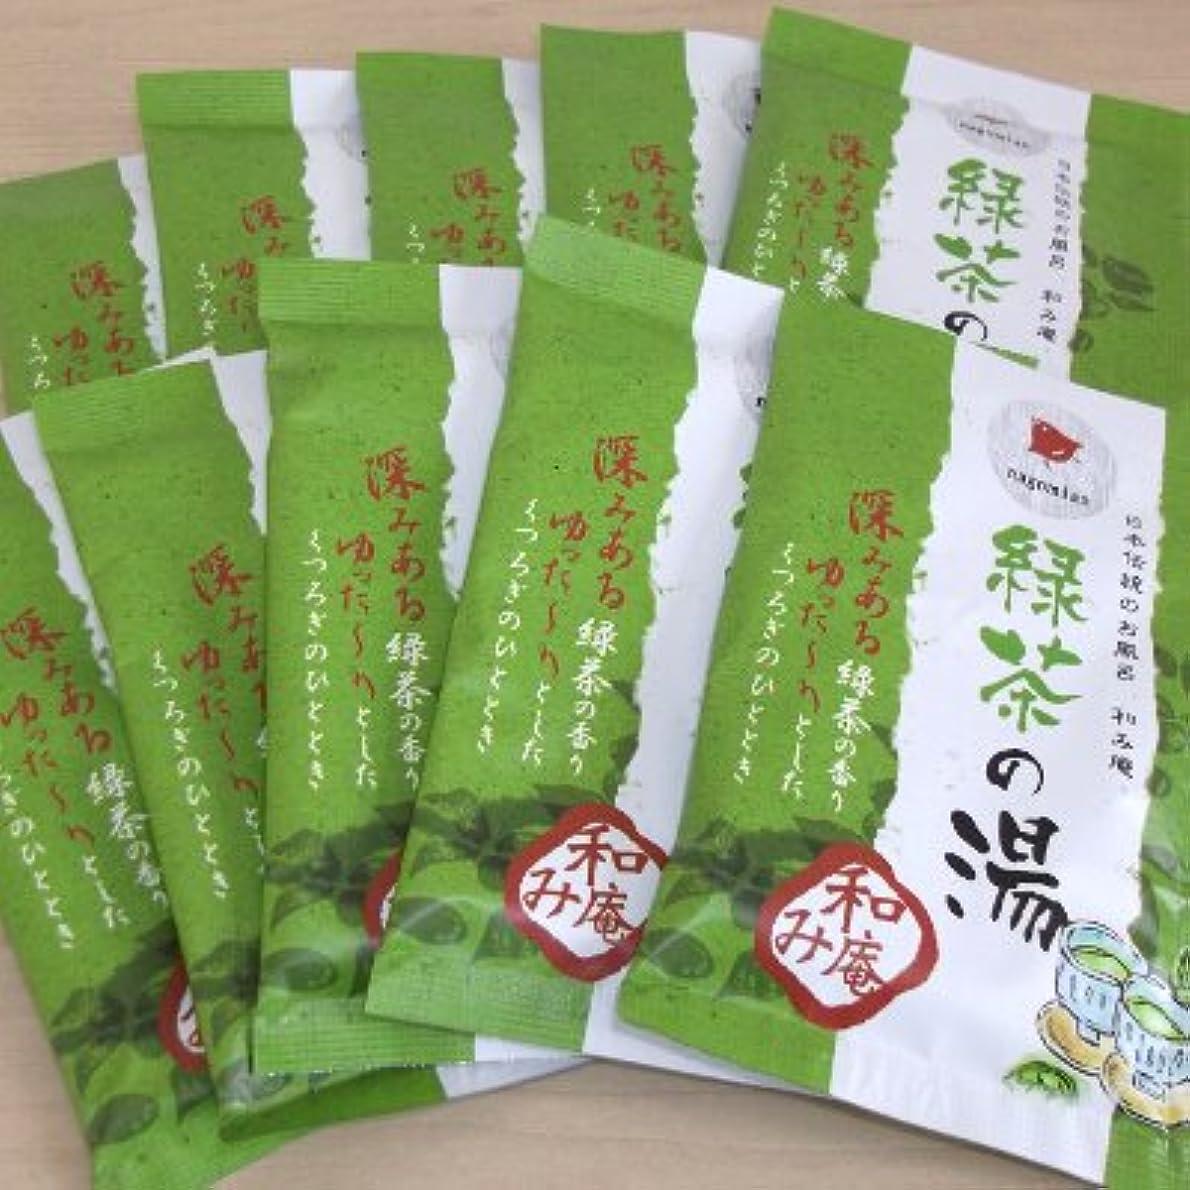 ジョージエリオット教授補正和み庵 緑茶の湯 10包セット